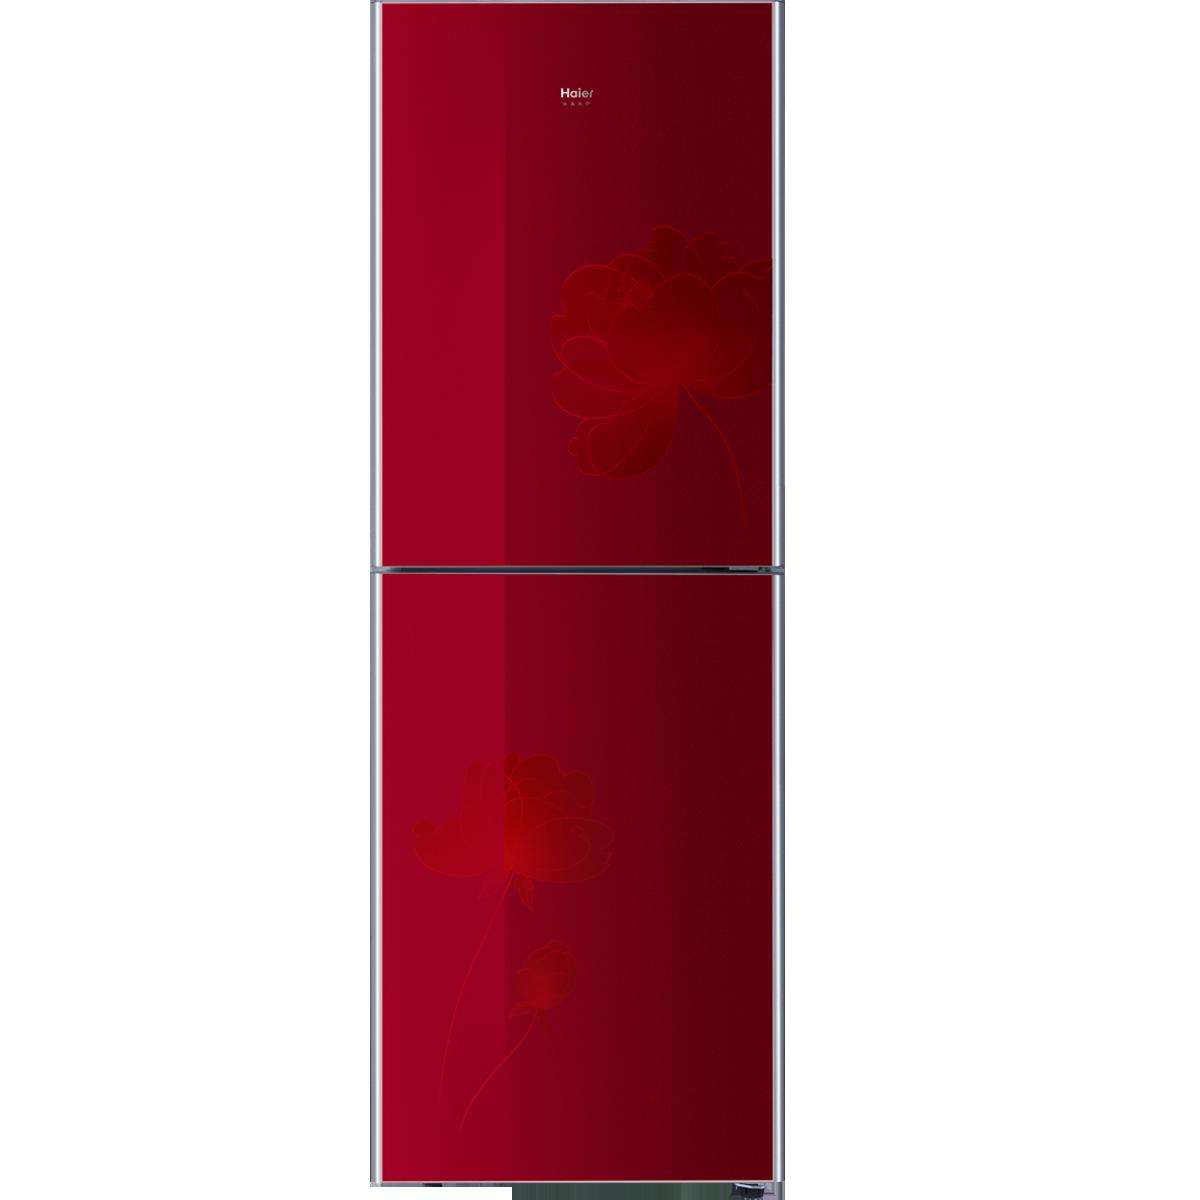 海尔冰箱 bcd-216tcx(水晶红)